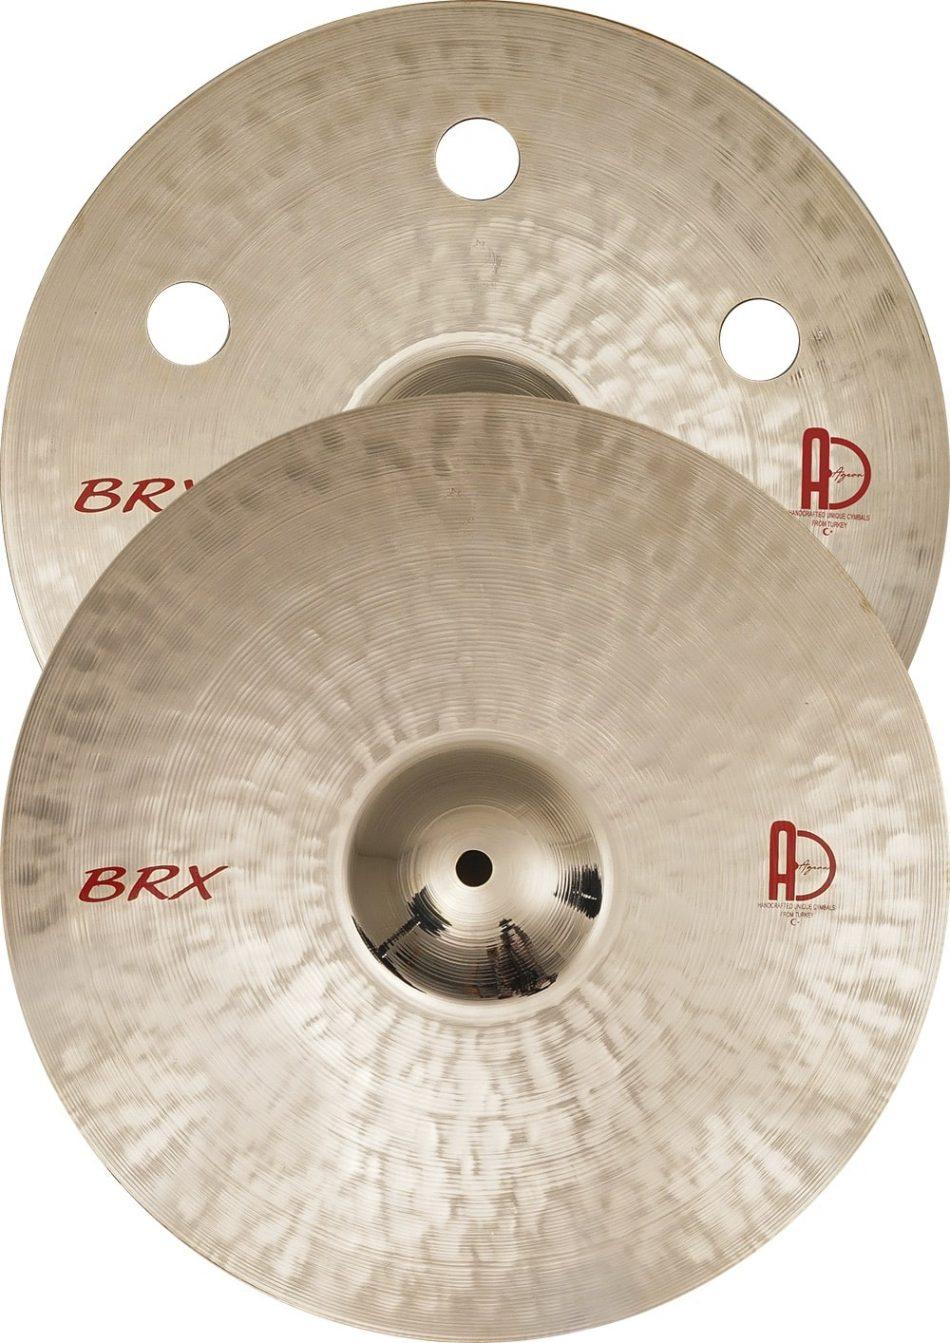 Brx Hi hat 3 kopyasi 950x1343 - Hi-hat Cymbals Brx